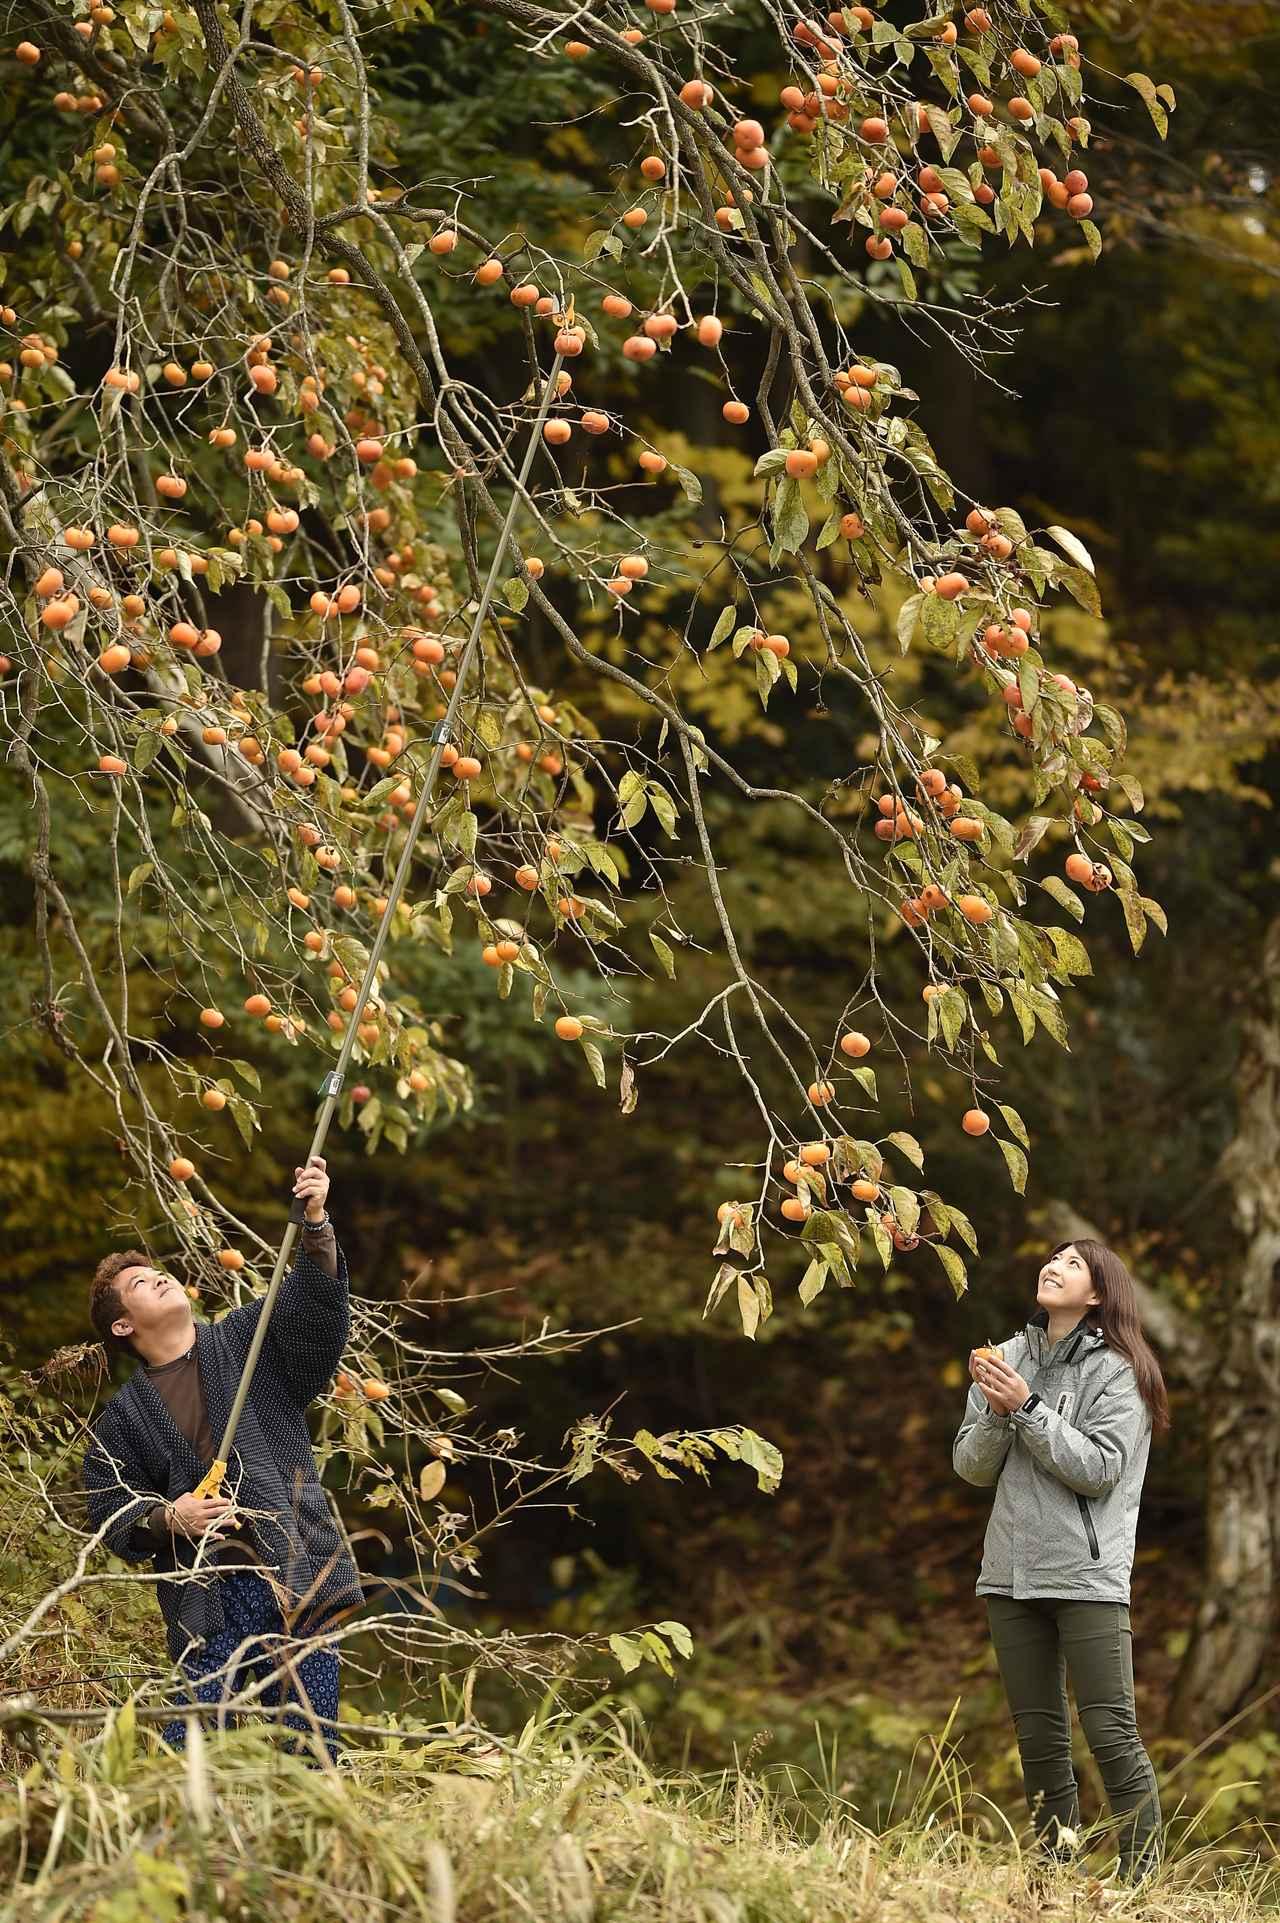 画像: GOGGLEの誌面に載っていた写真は ここの柿の木でした!